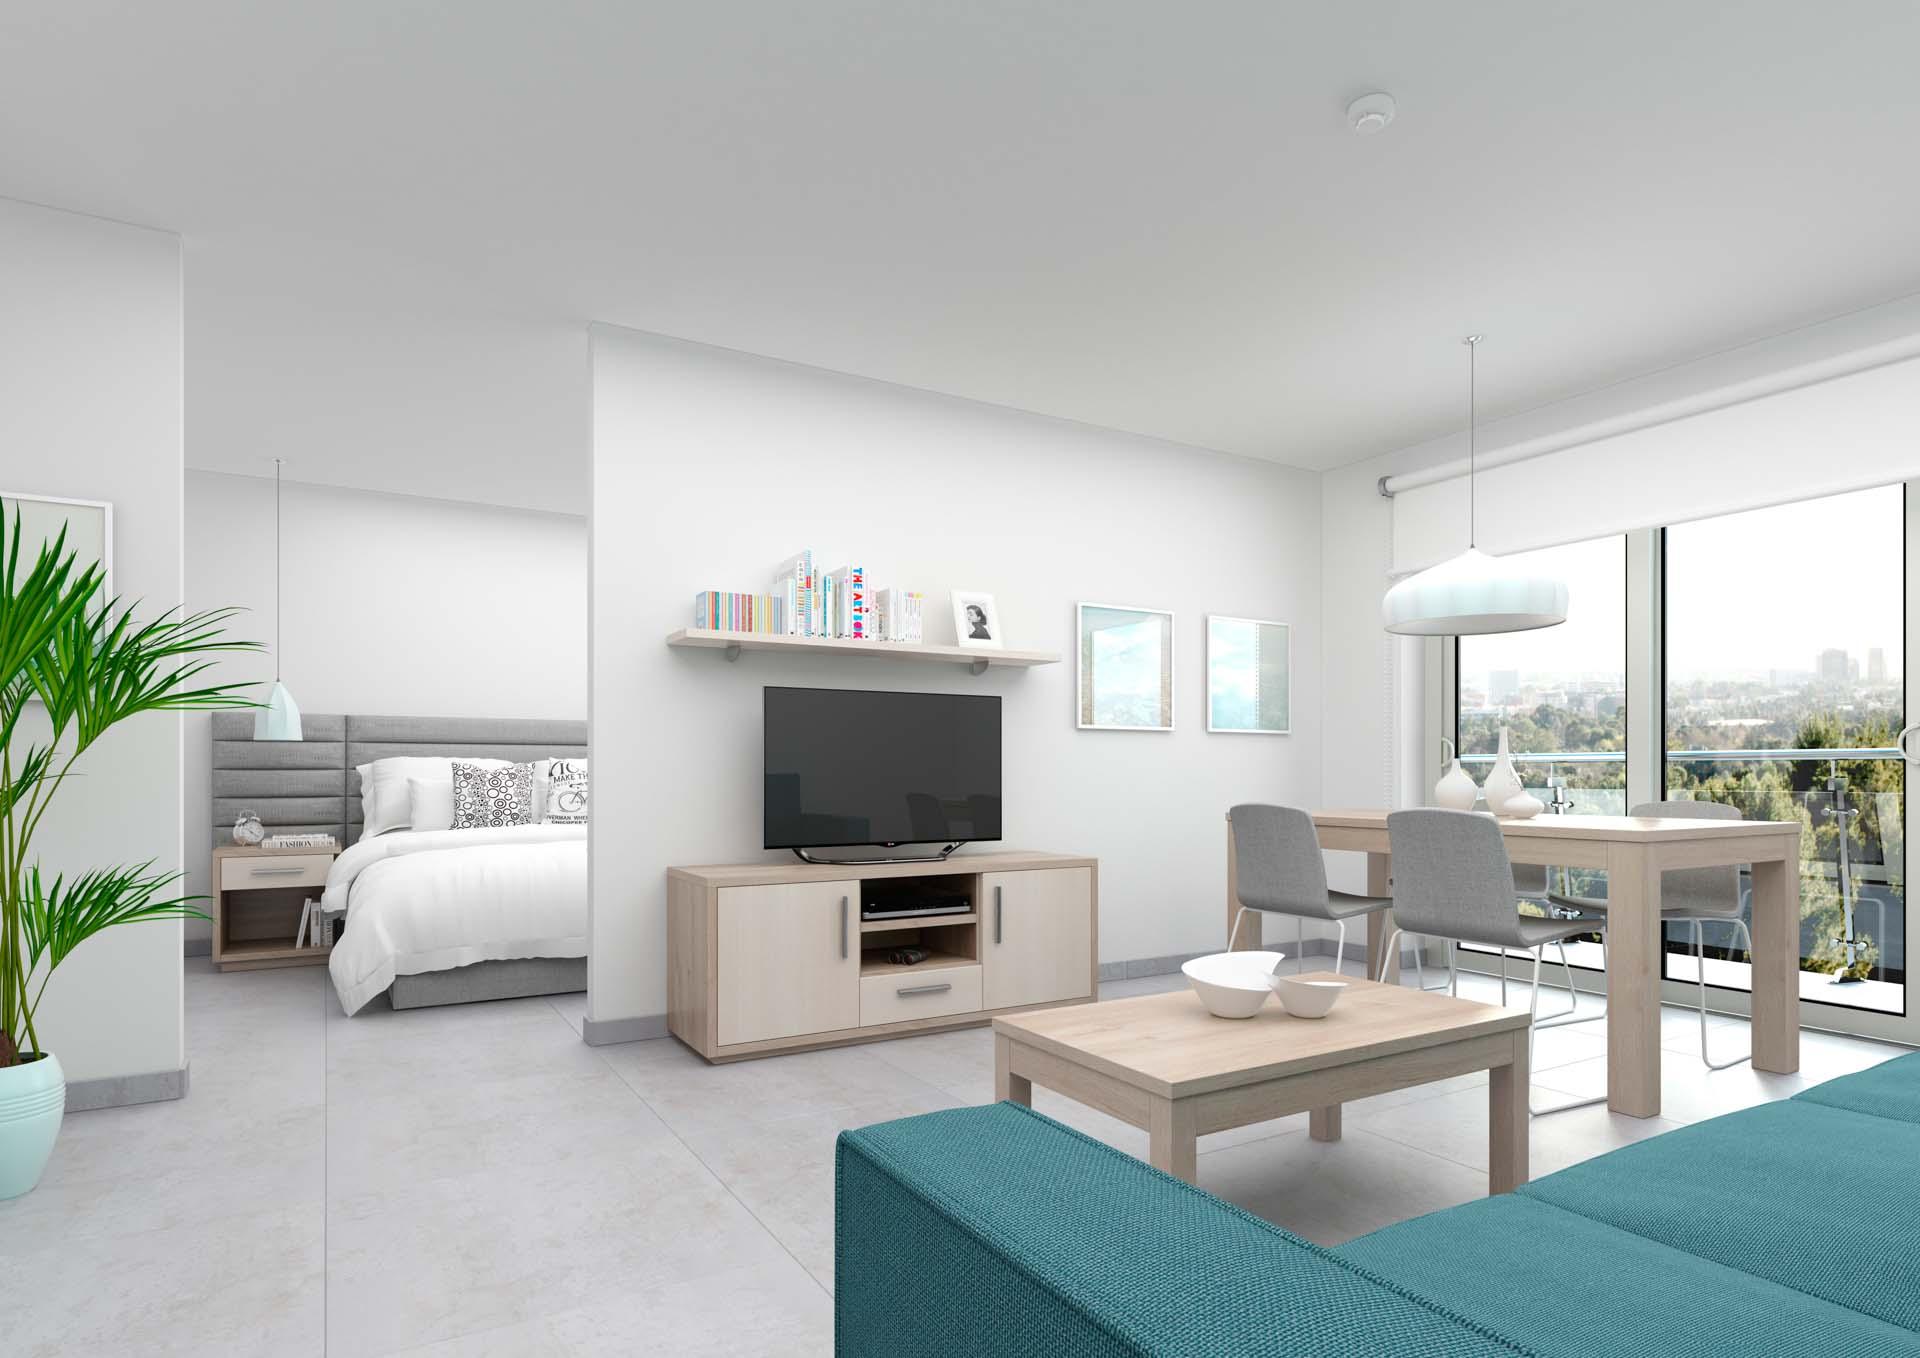 Mobiliario residencia de ancianos de estética moderna y funcional